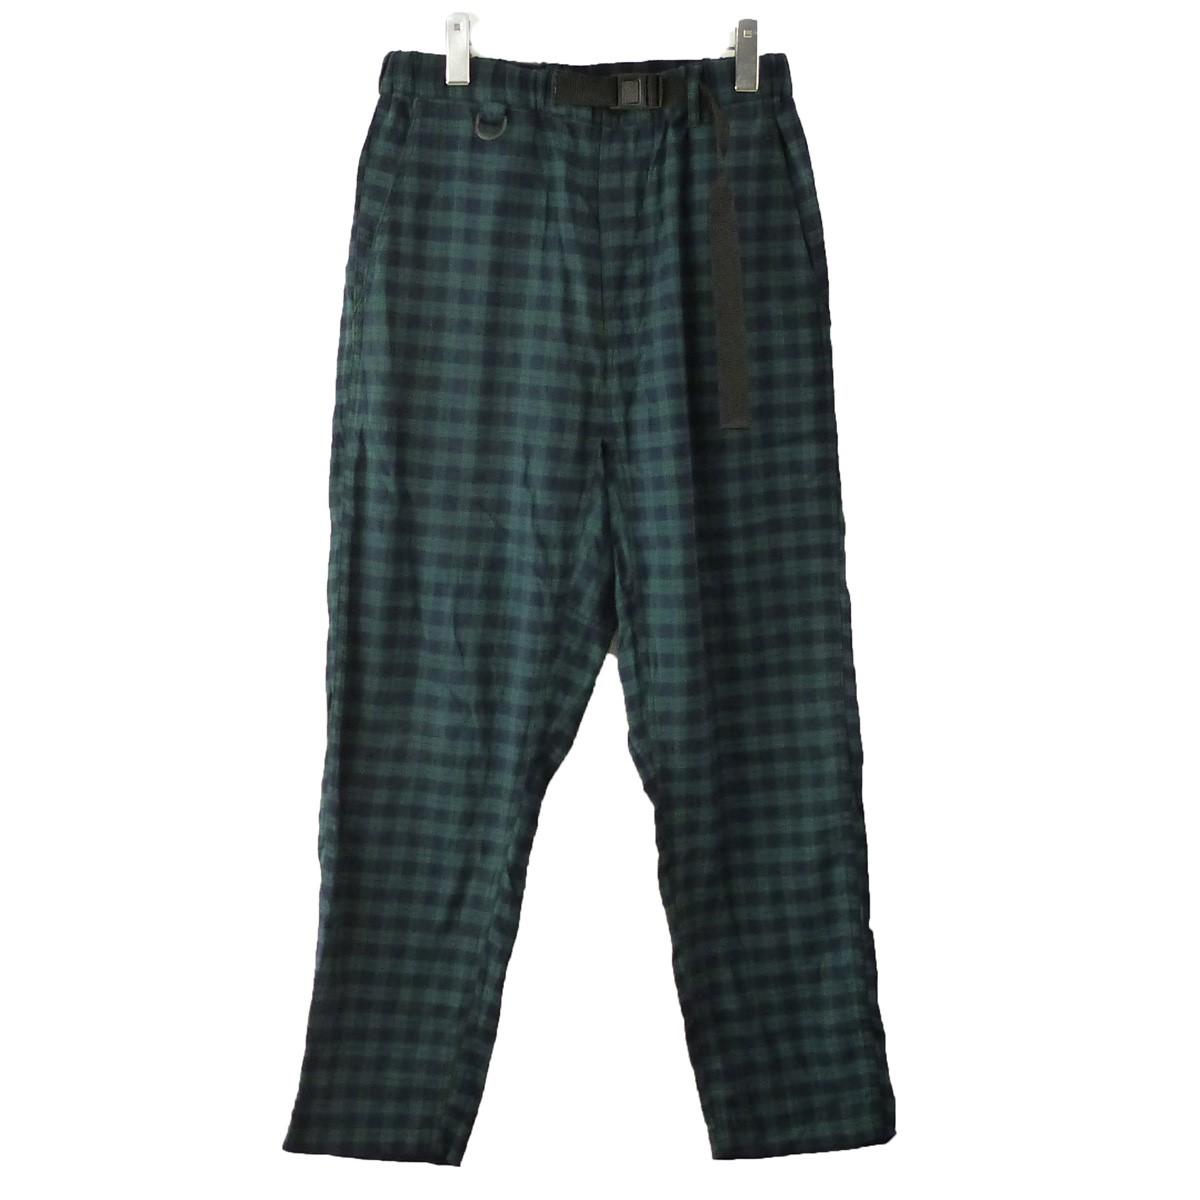 【中古】AiE 「EZ Pant-Cotton Tartan Check」イージータータンチェックパンツ グリーン×ネイビー サイズ:S 【111119】(エーアイイー)